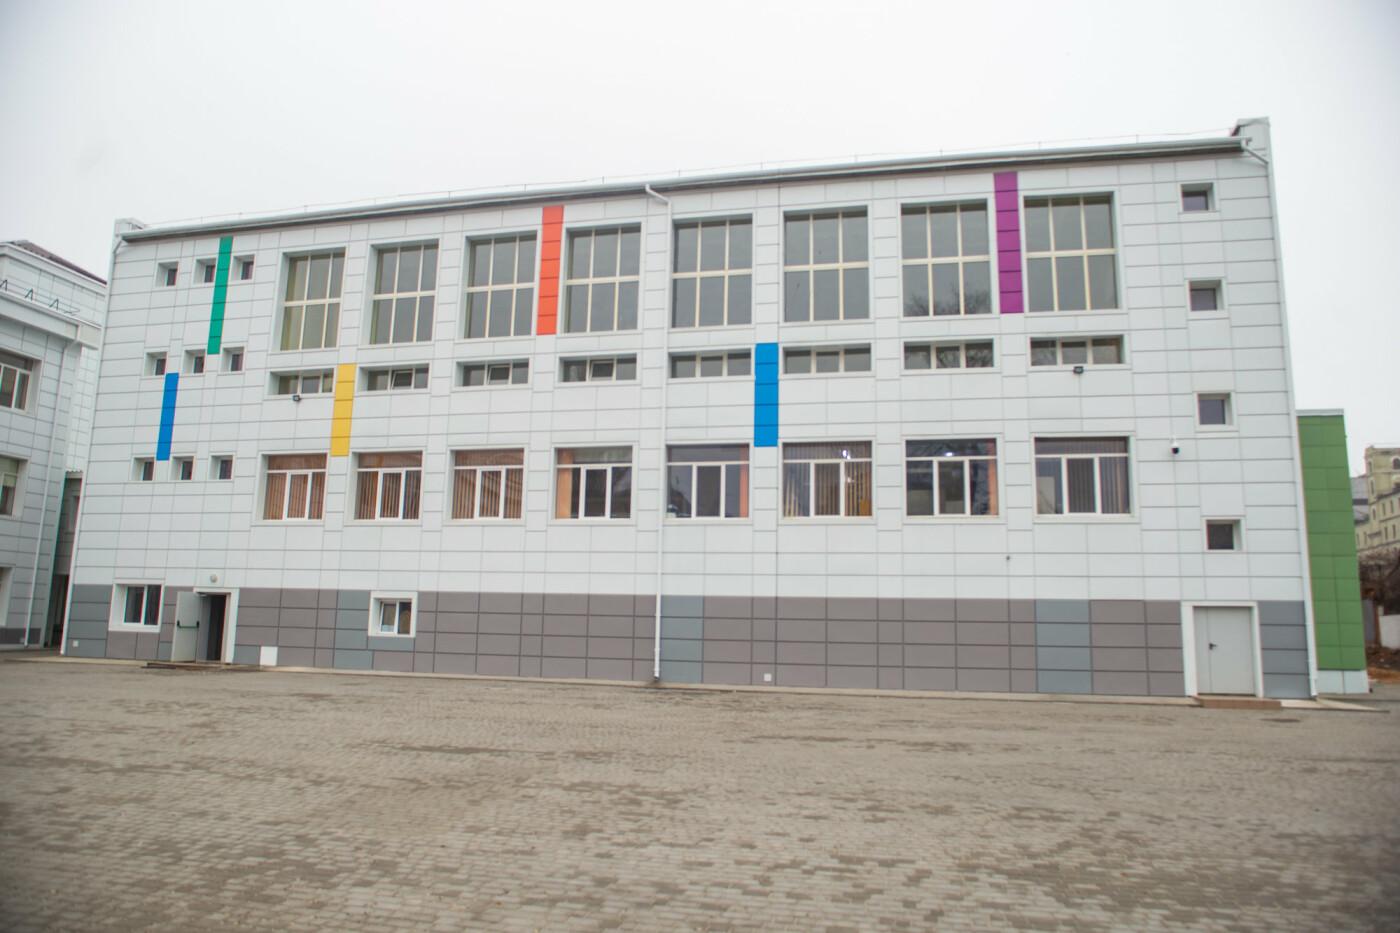 В Днепре старая школа превратилась в яркую и современную, - ФОТО, фото-2